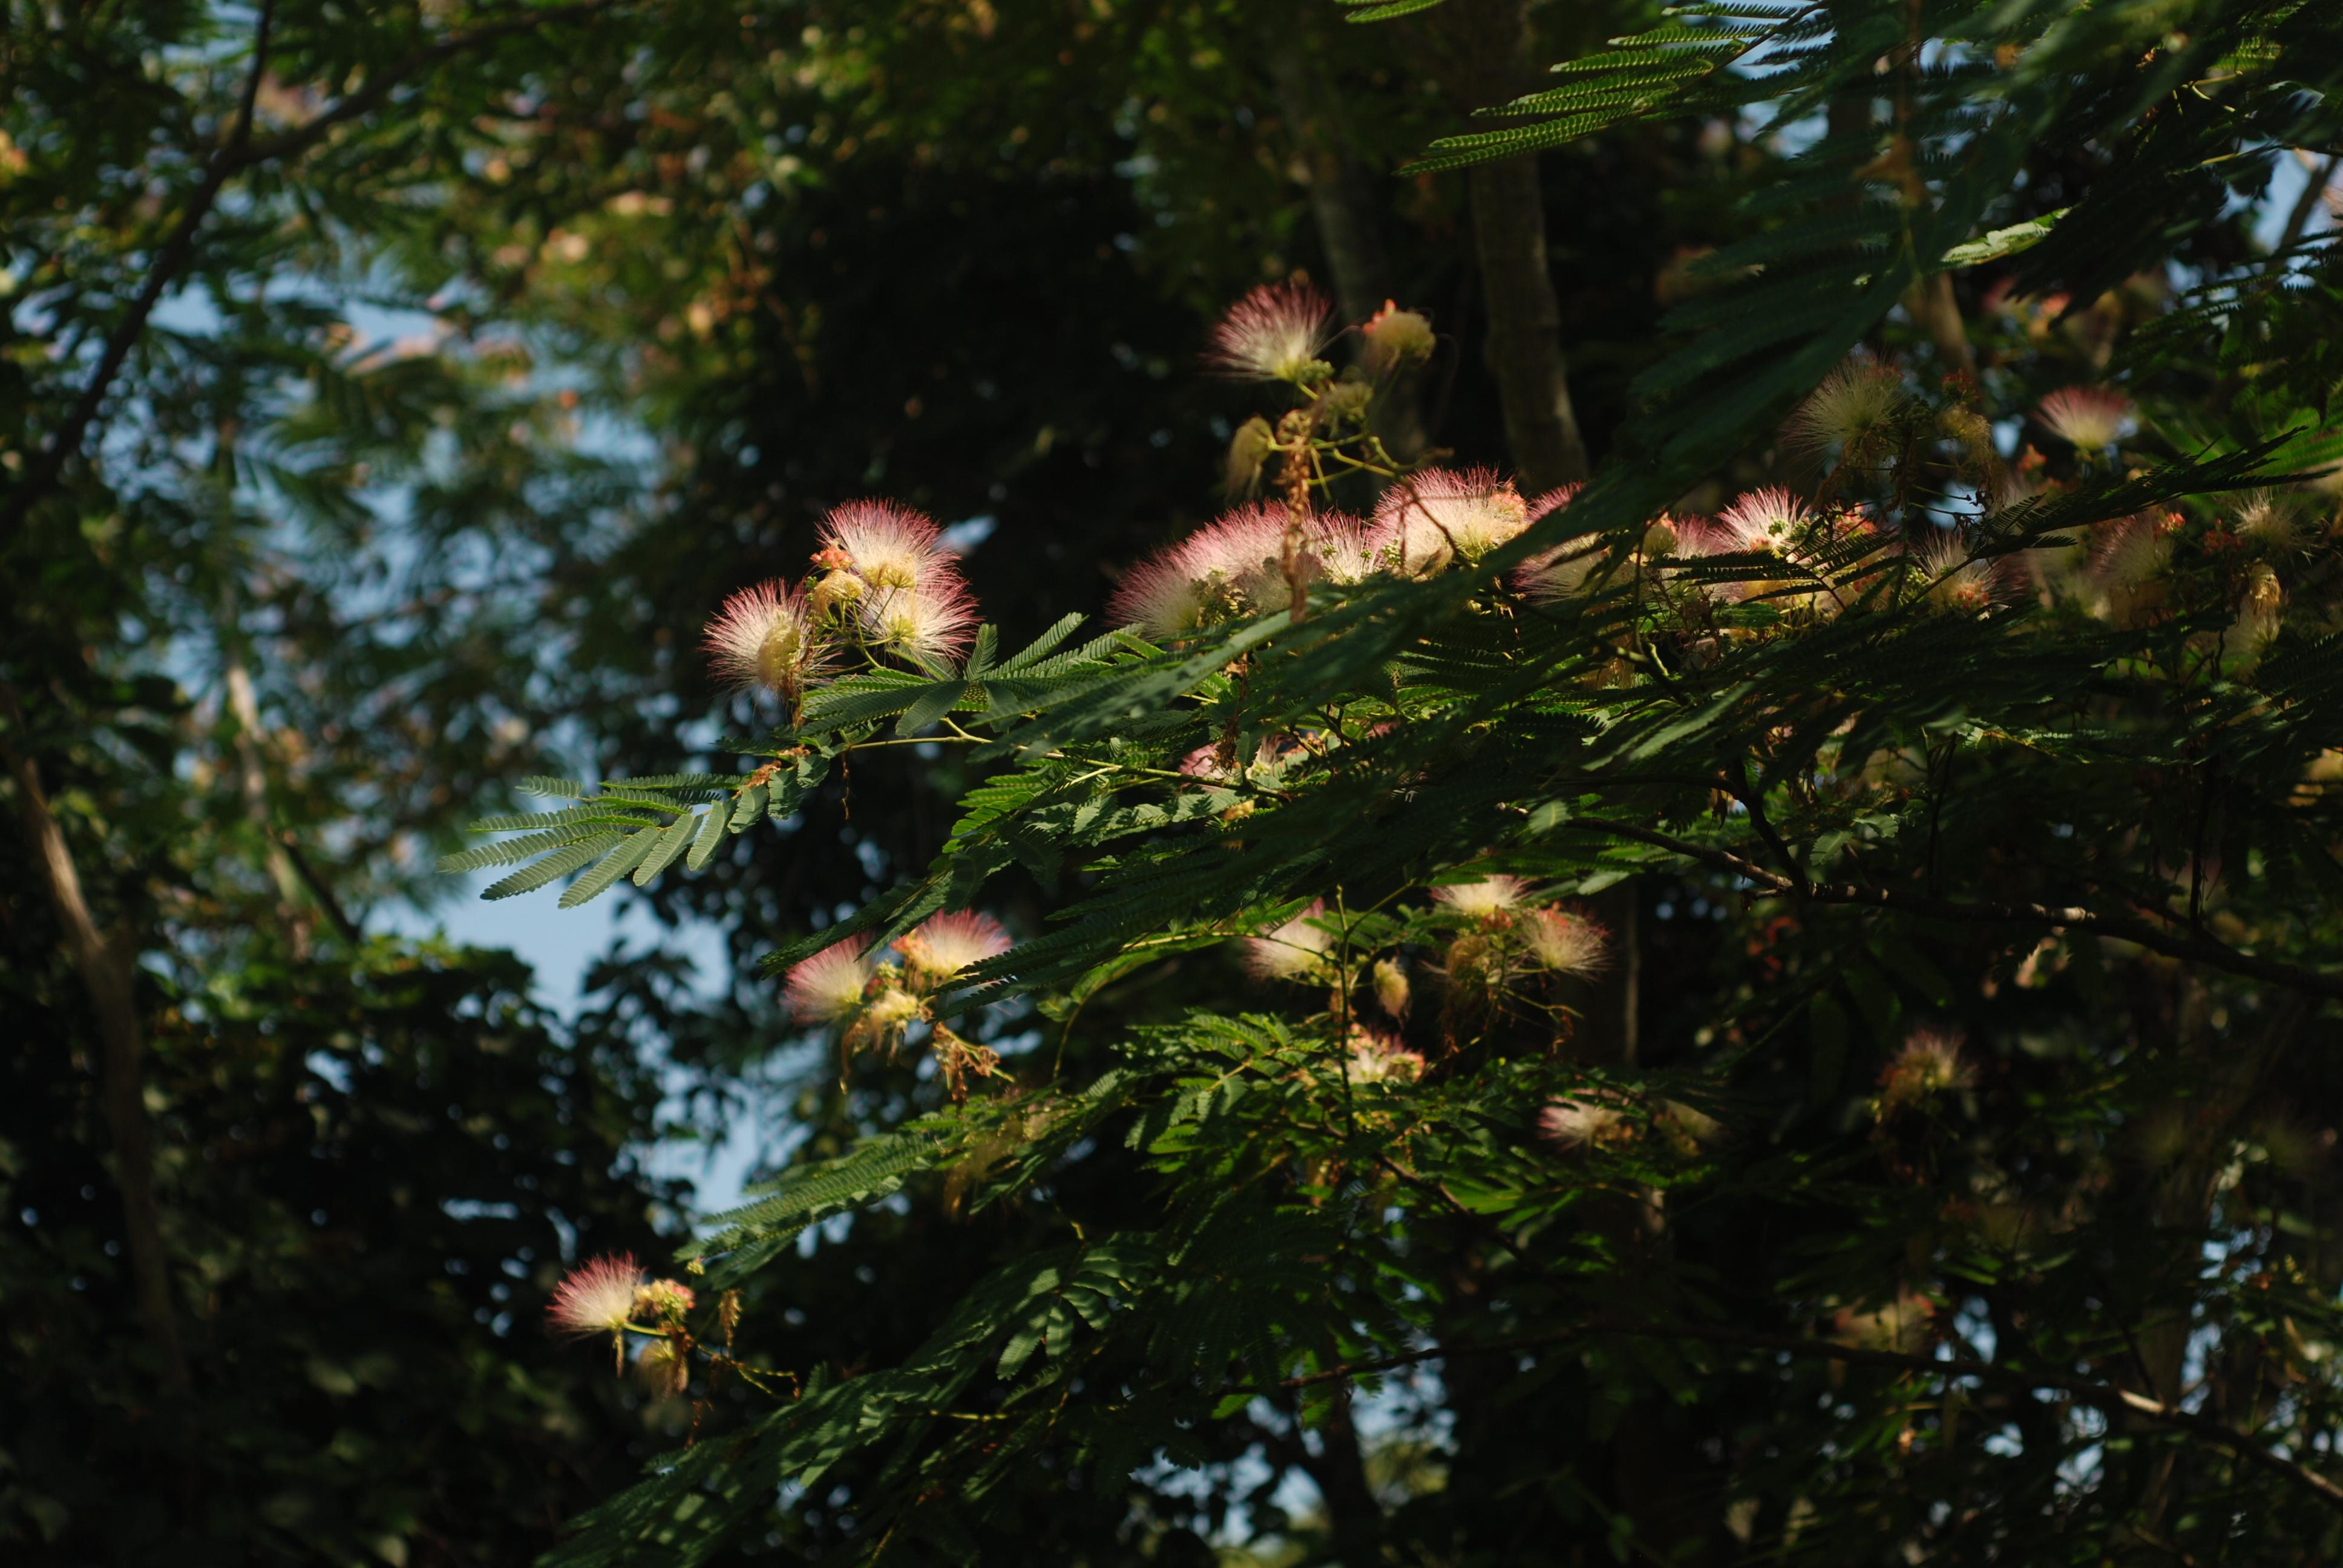 Albizia julibrissin/mimosa